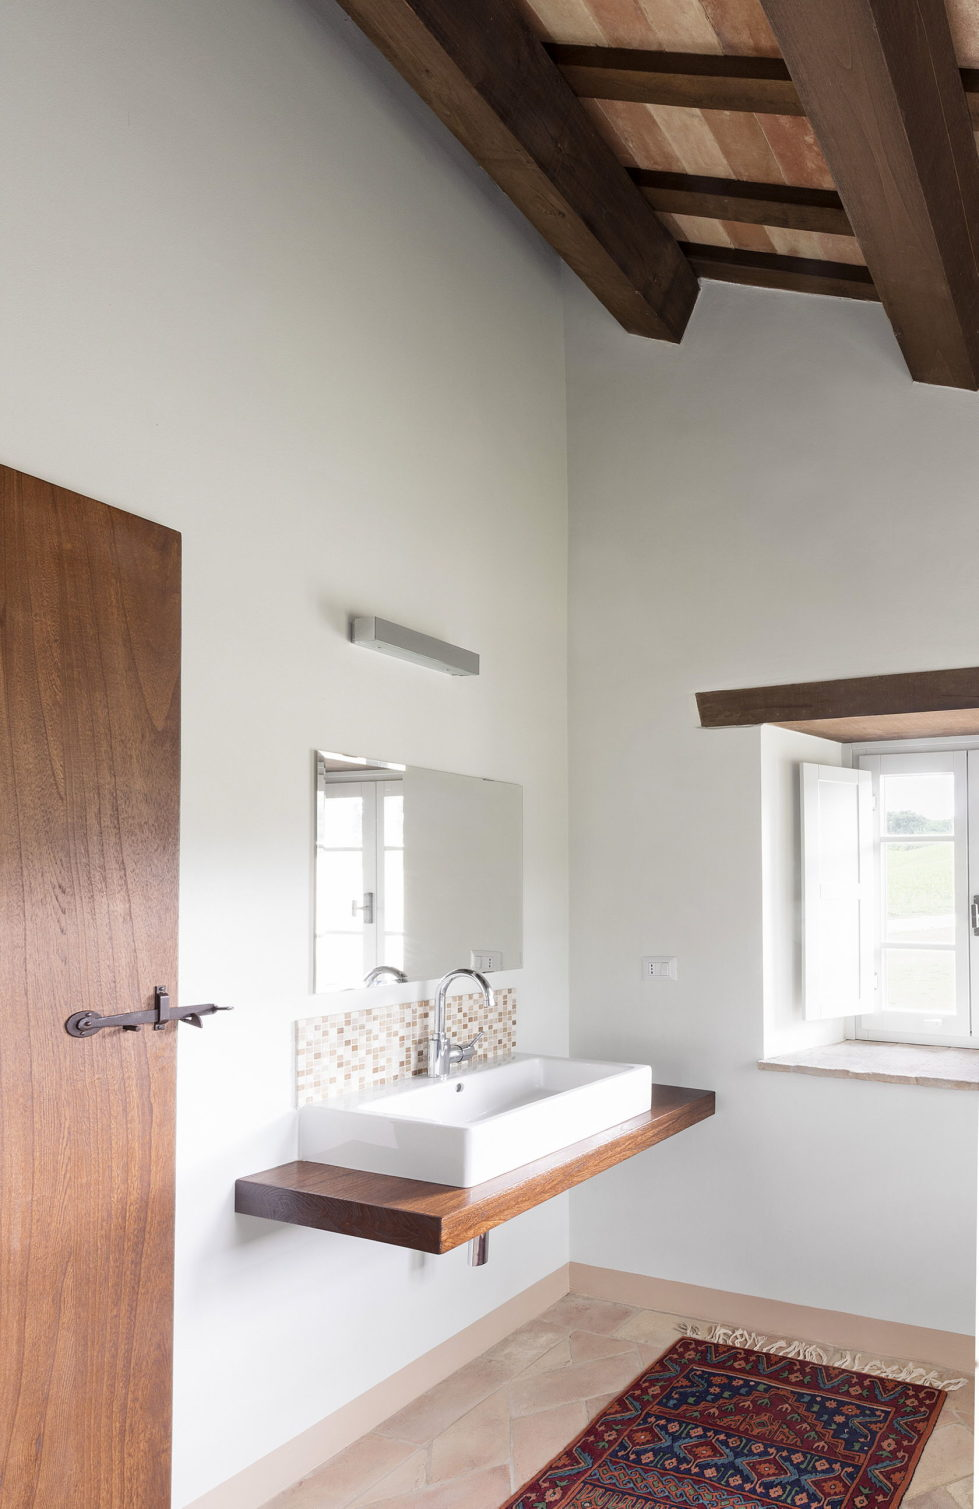 Villa Motelparo in Marche di Fermo from Roy David Studio 12